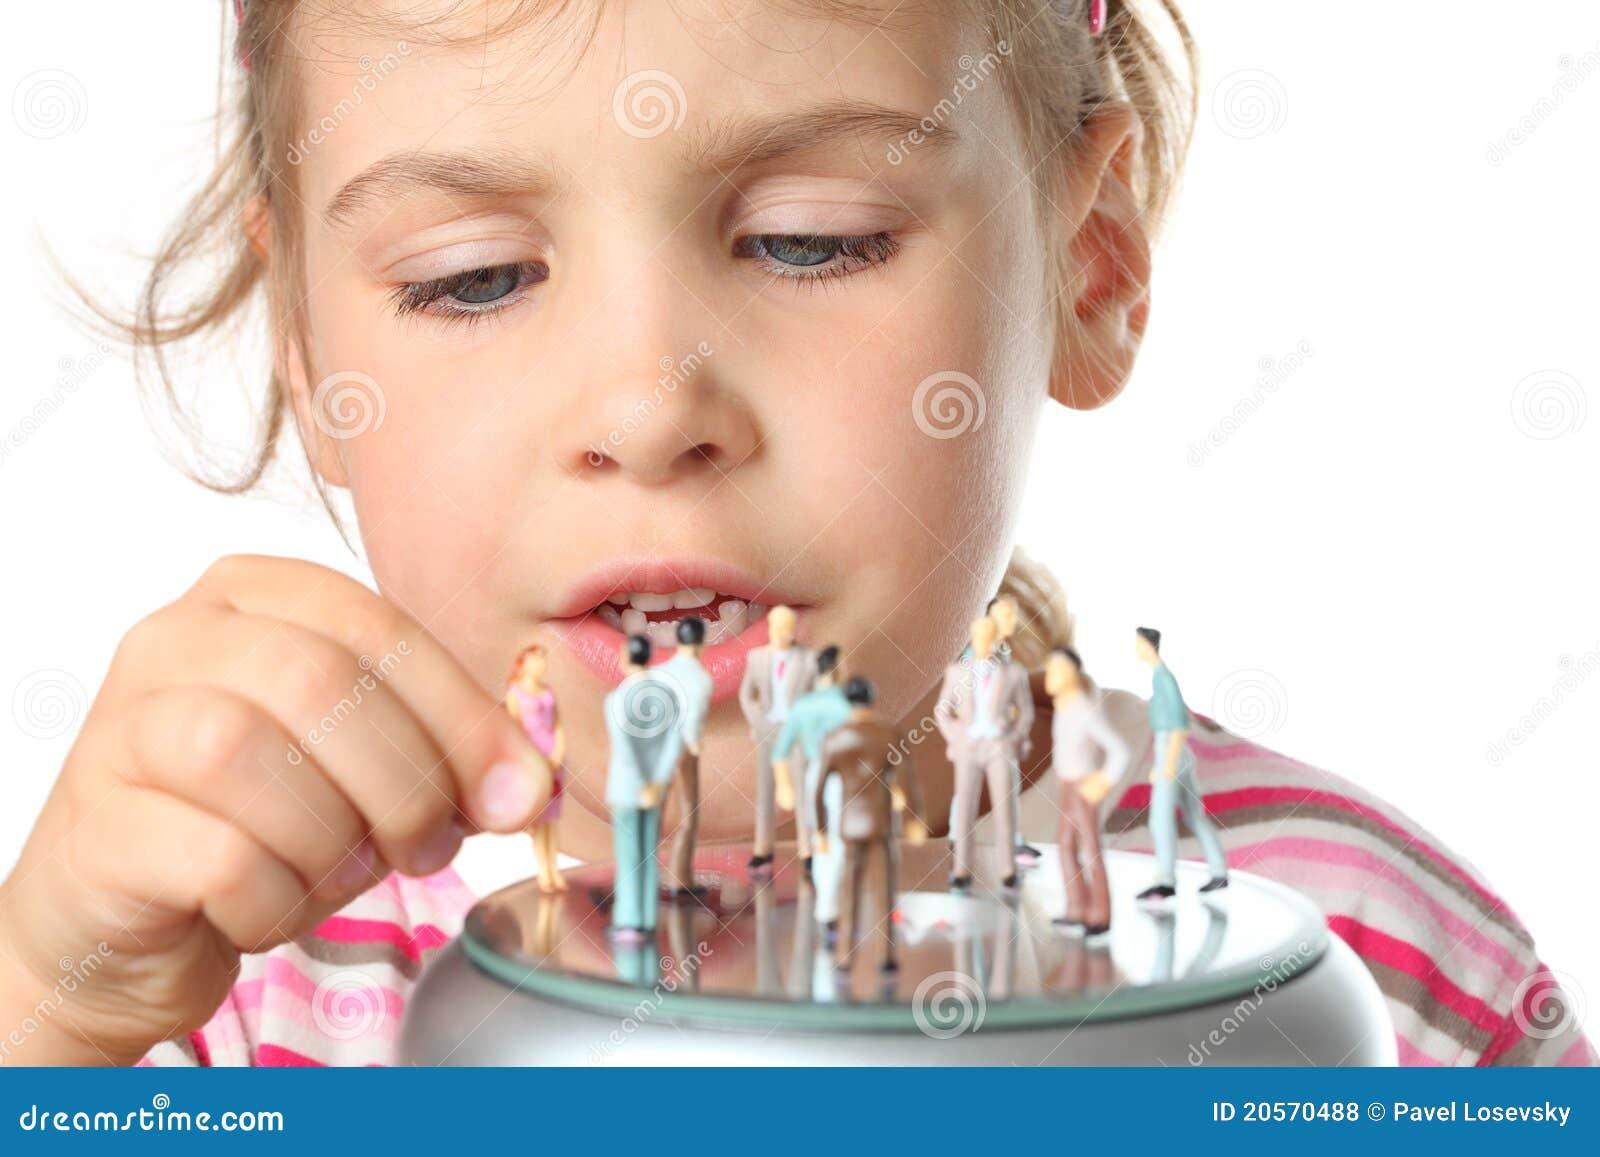 la petite fille joue avec de petits chiffres de jouet des. Black Bedroom Furniture Sets. Home Design Ideas